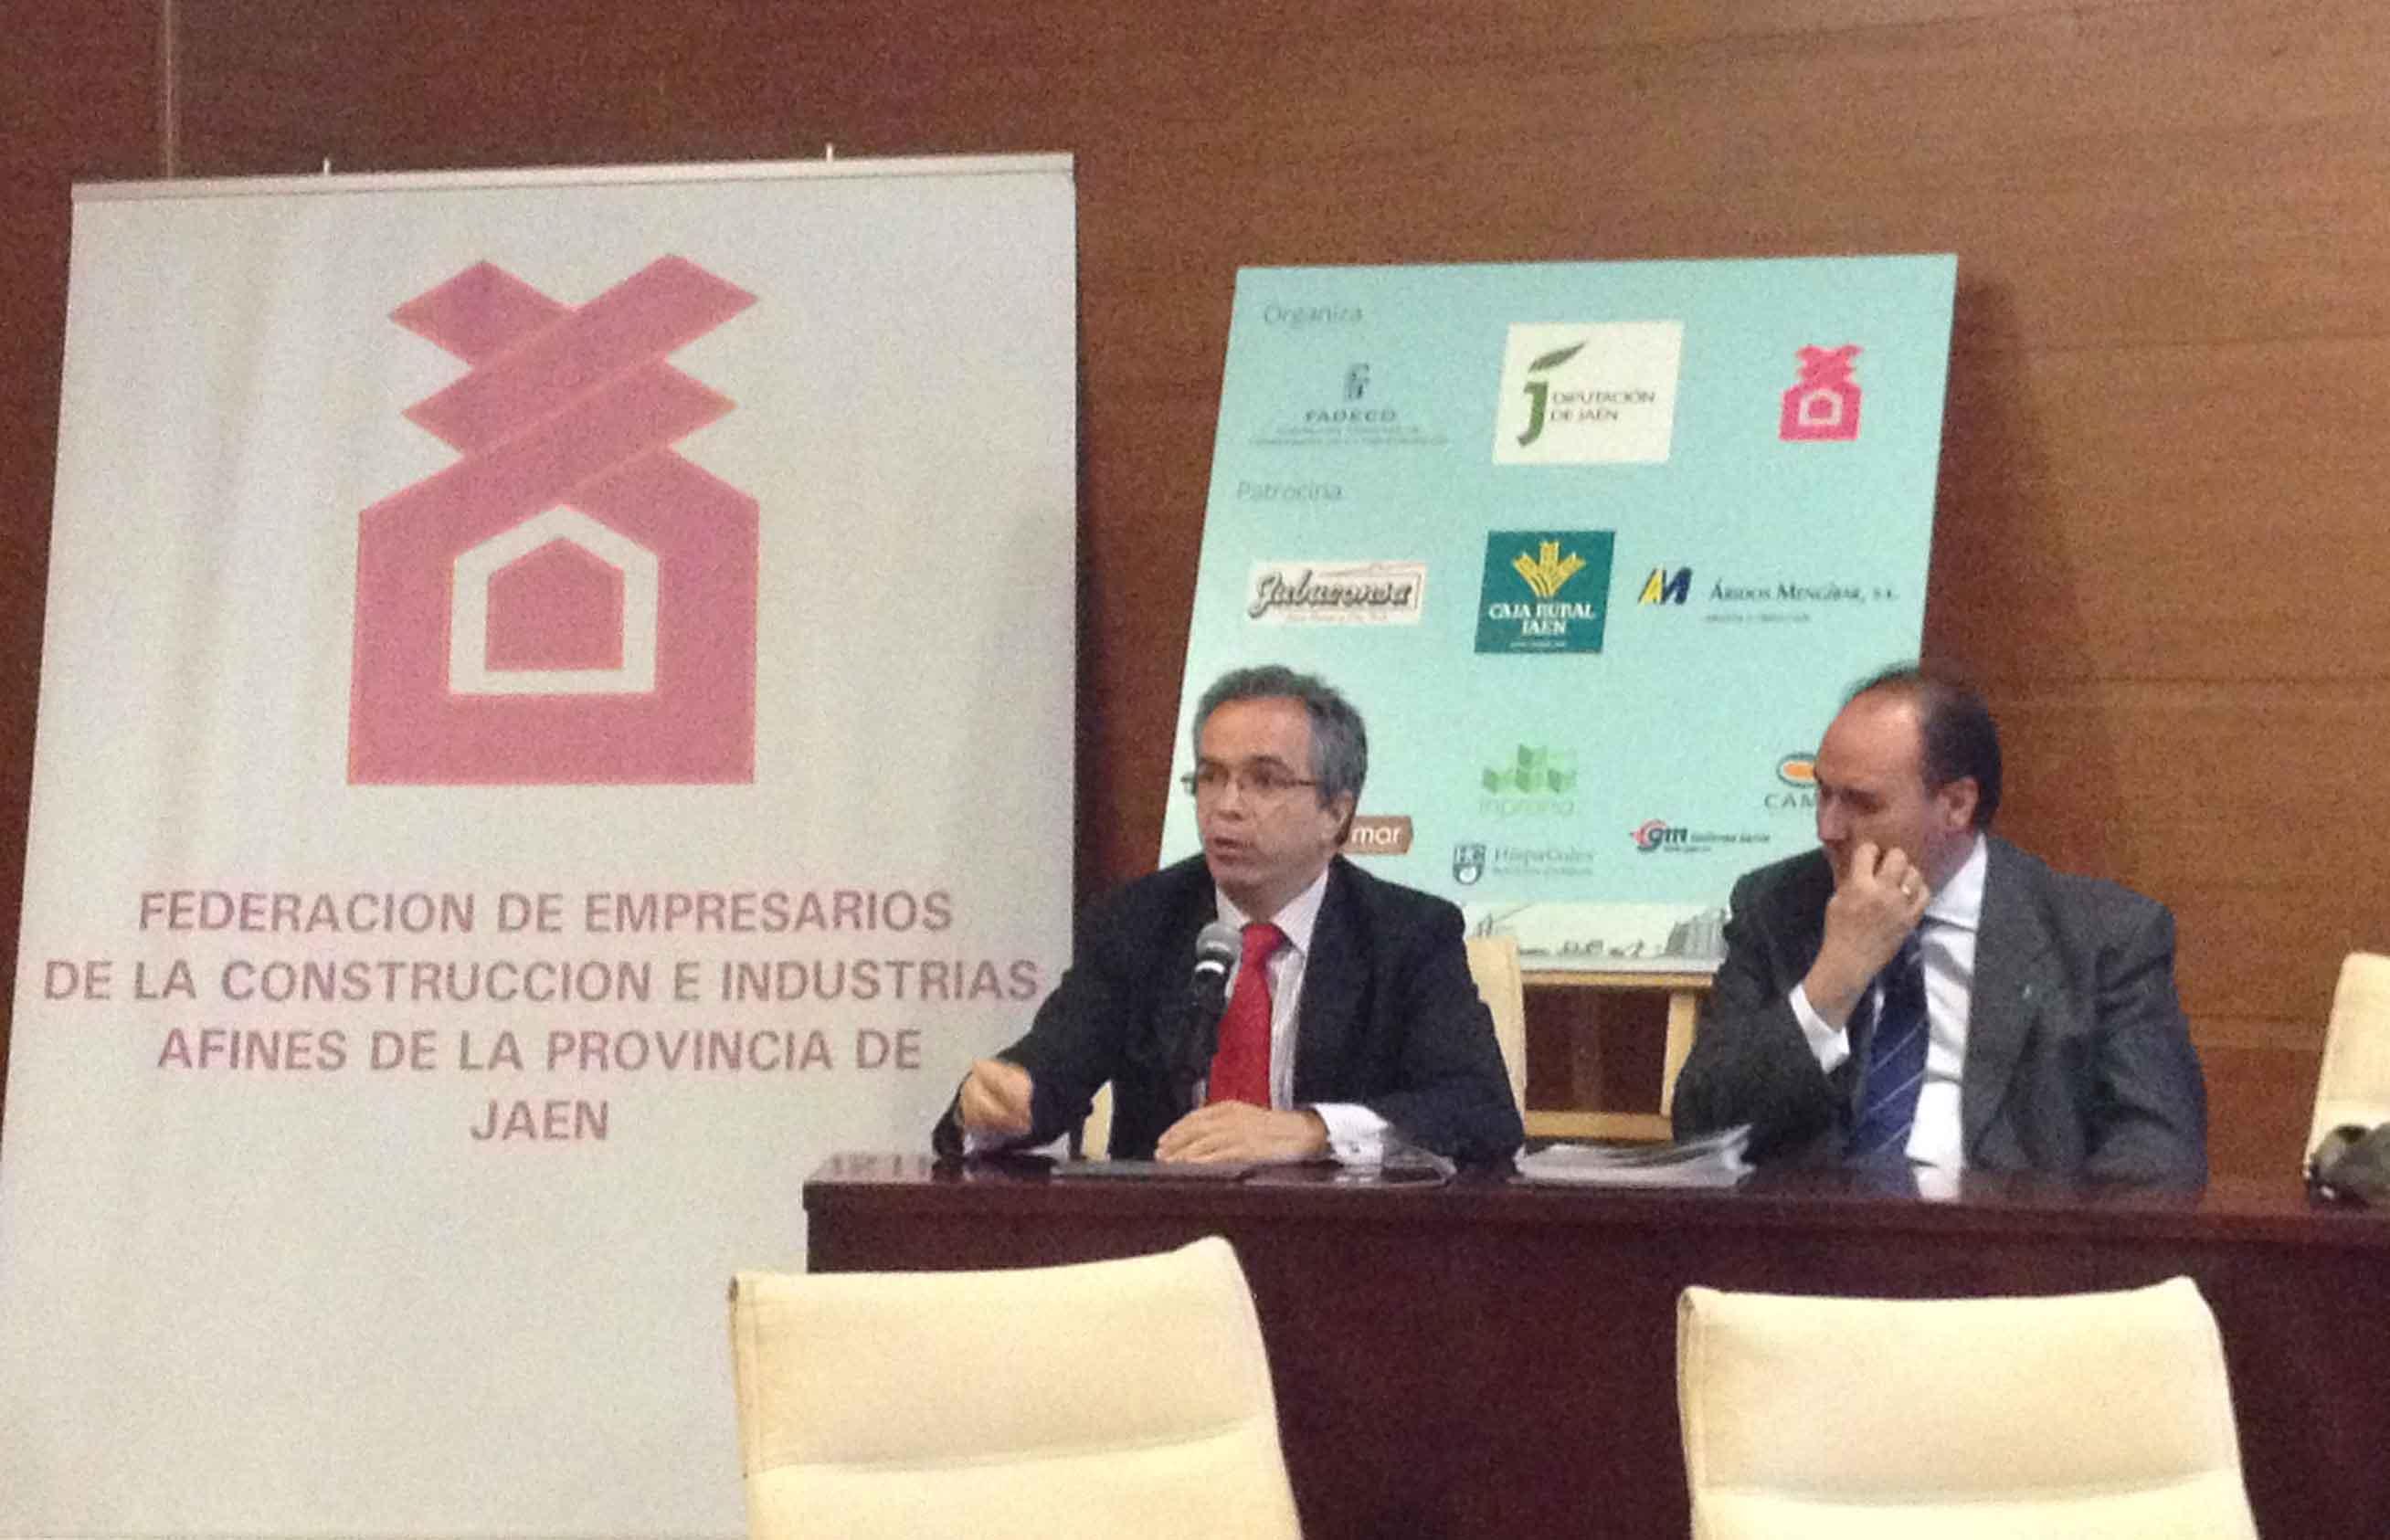 Director de HispaColex Servicios Jurídicos en una jornada junto a la Federación de Constructores de Jaén